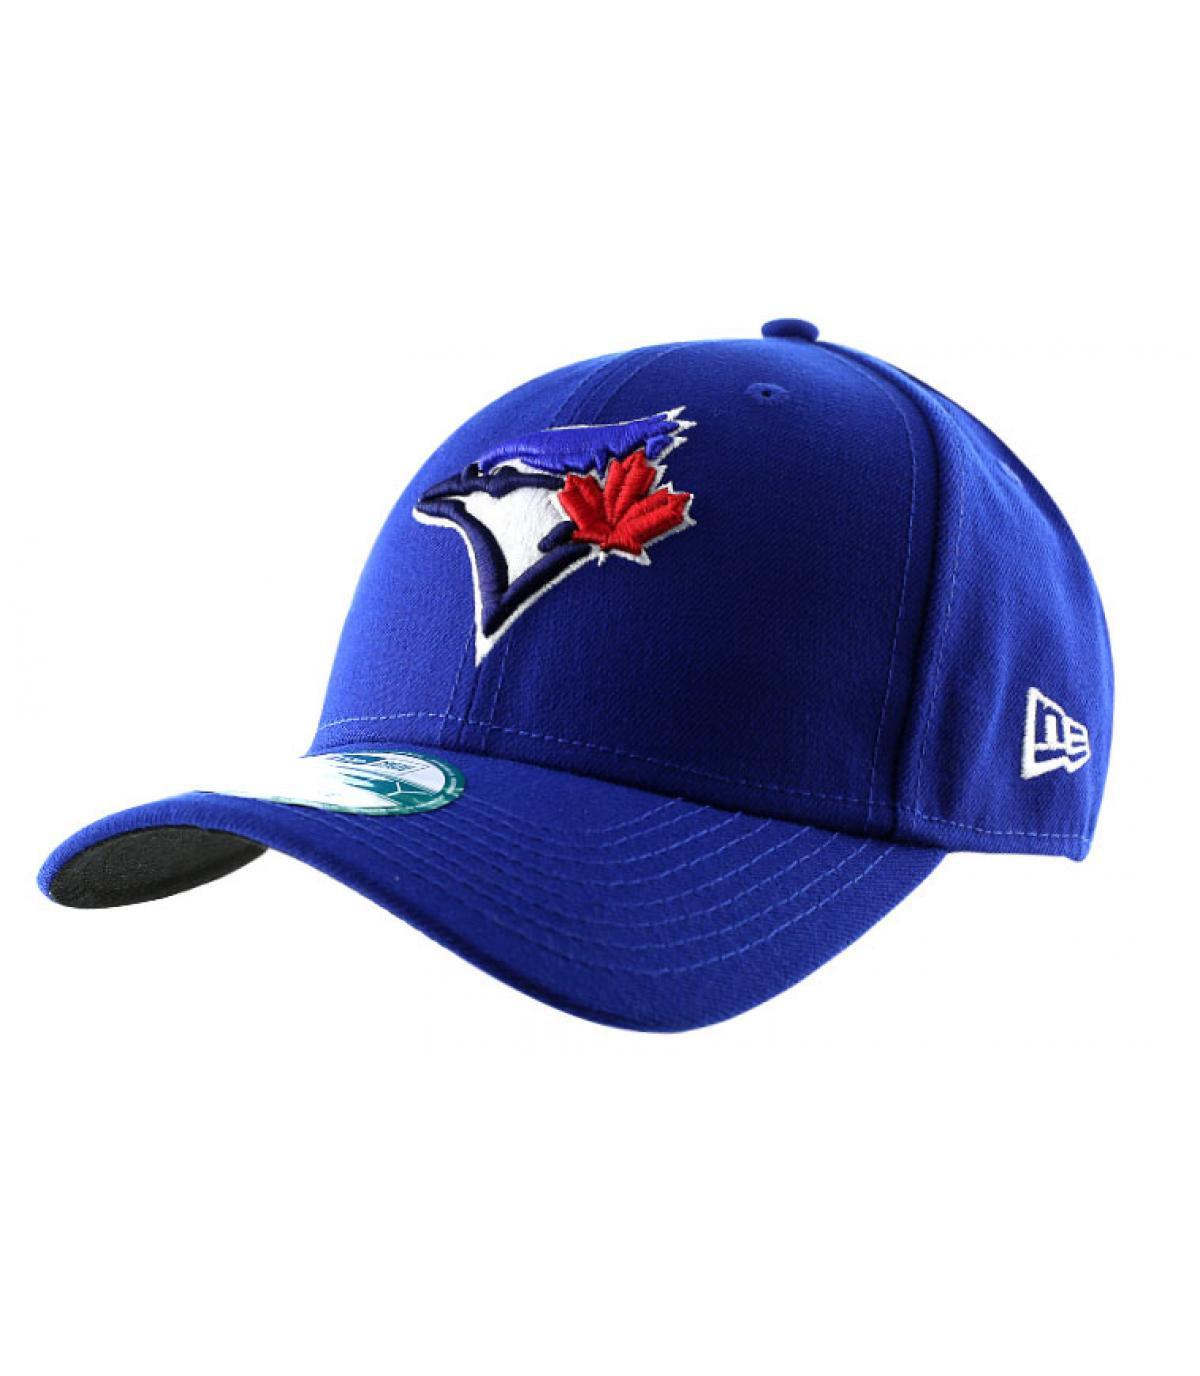 1eea23ce851e1 New Era. Toronto baseball cap. Détails League 9forty Toronto - image 5   Détails League 9forty Toronto ...